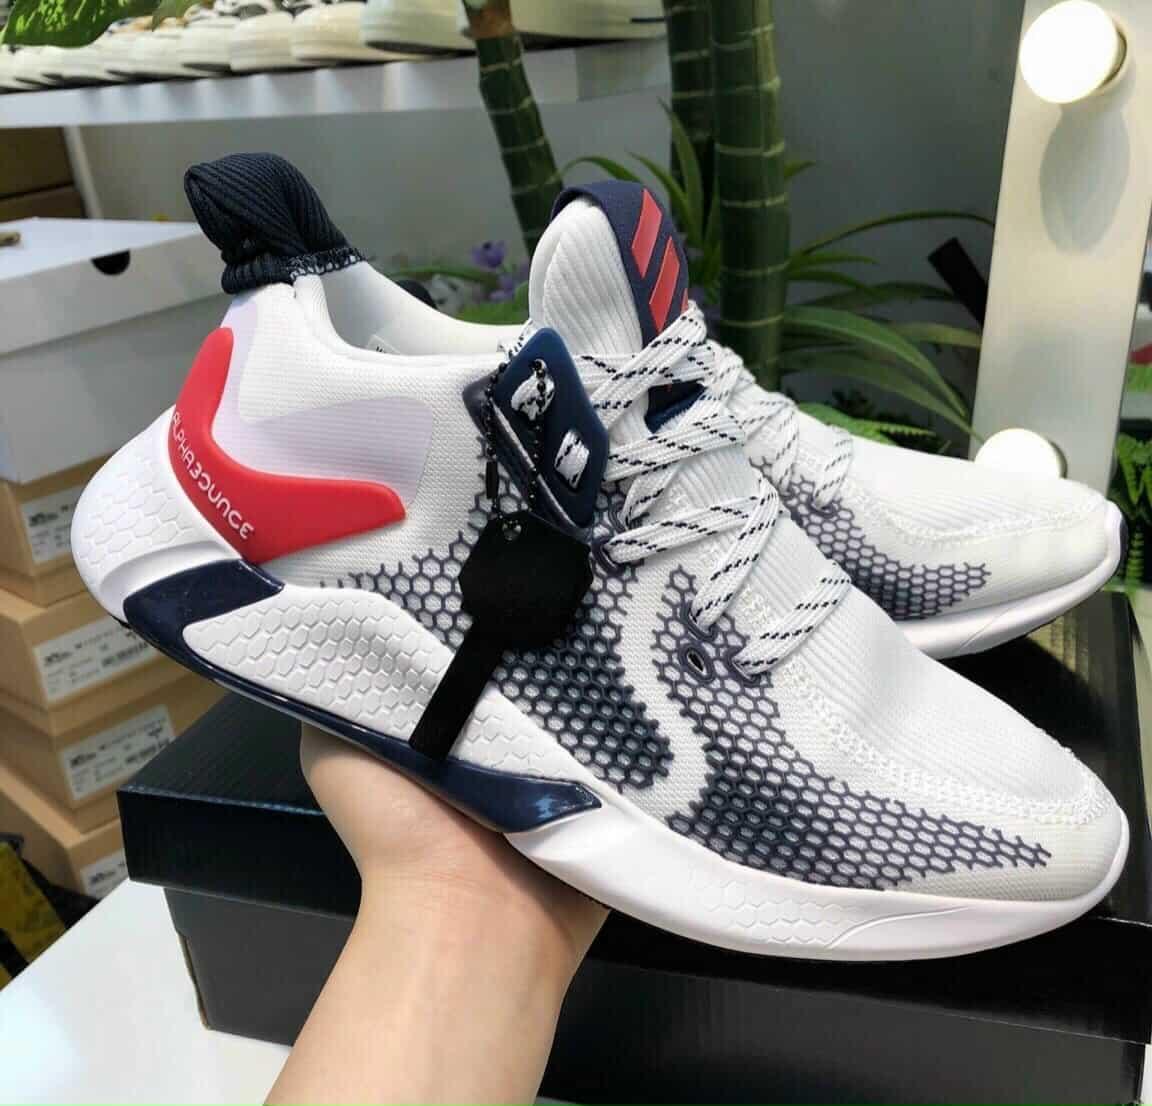 Giày Adidas Alphabounce trắng đỏ